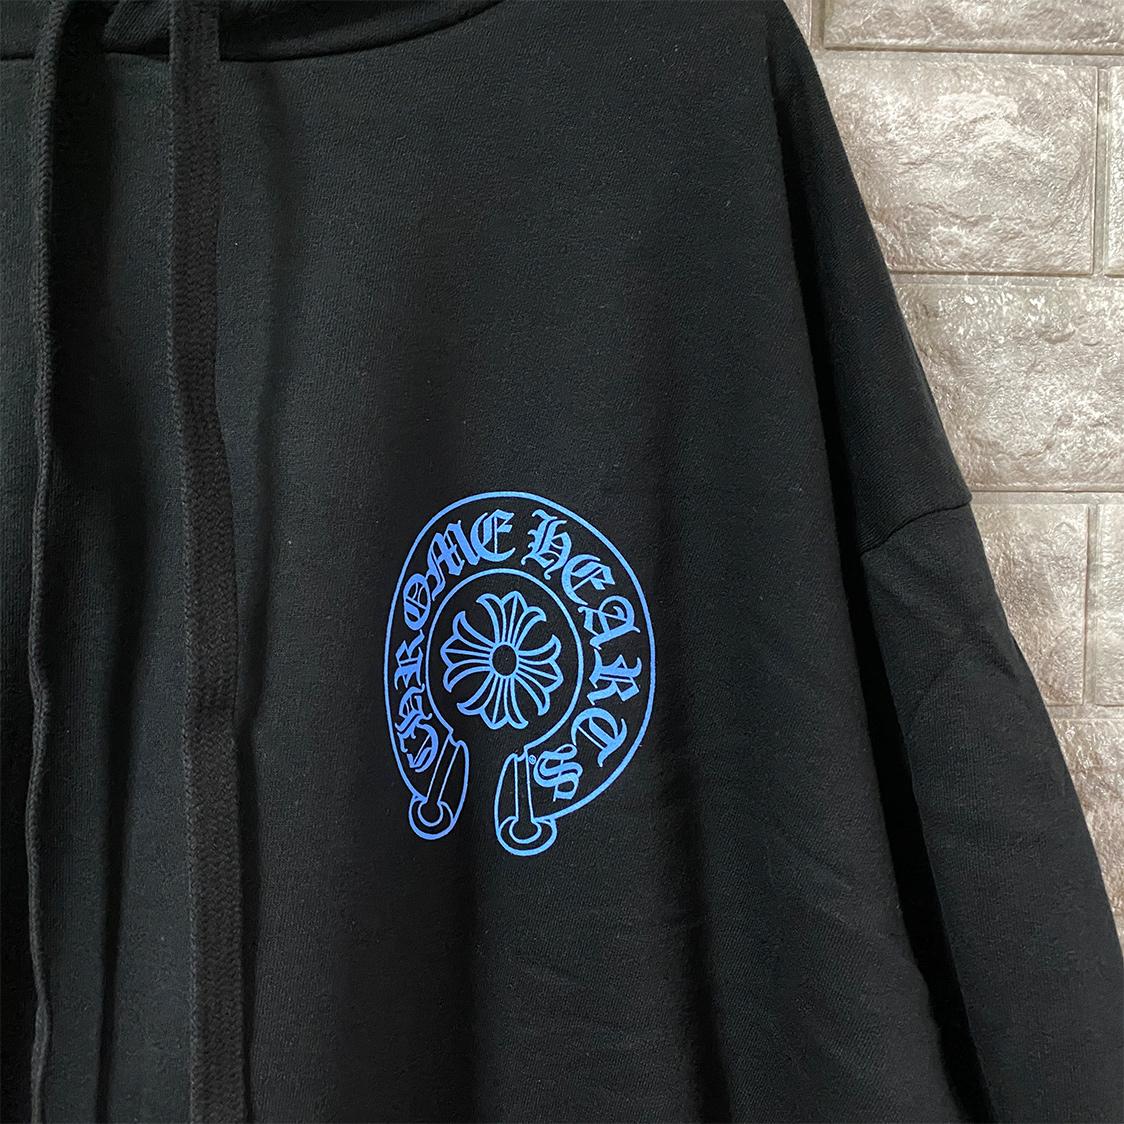 希少 新品 クロムハーツ CHROMEHEARTS 【XLサイズ】 プルオーバー パーカー フーディ ブルー ゲリラ販売